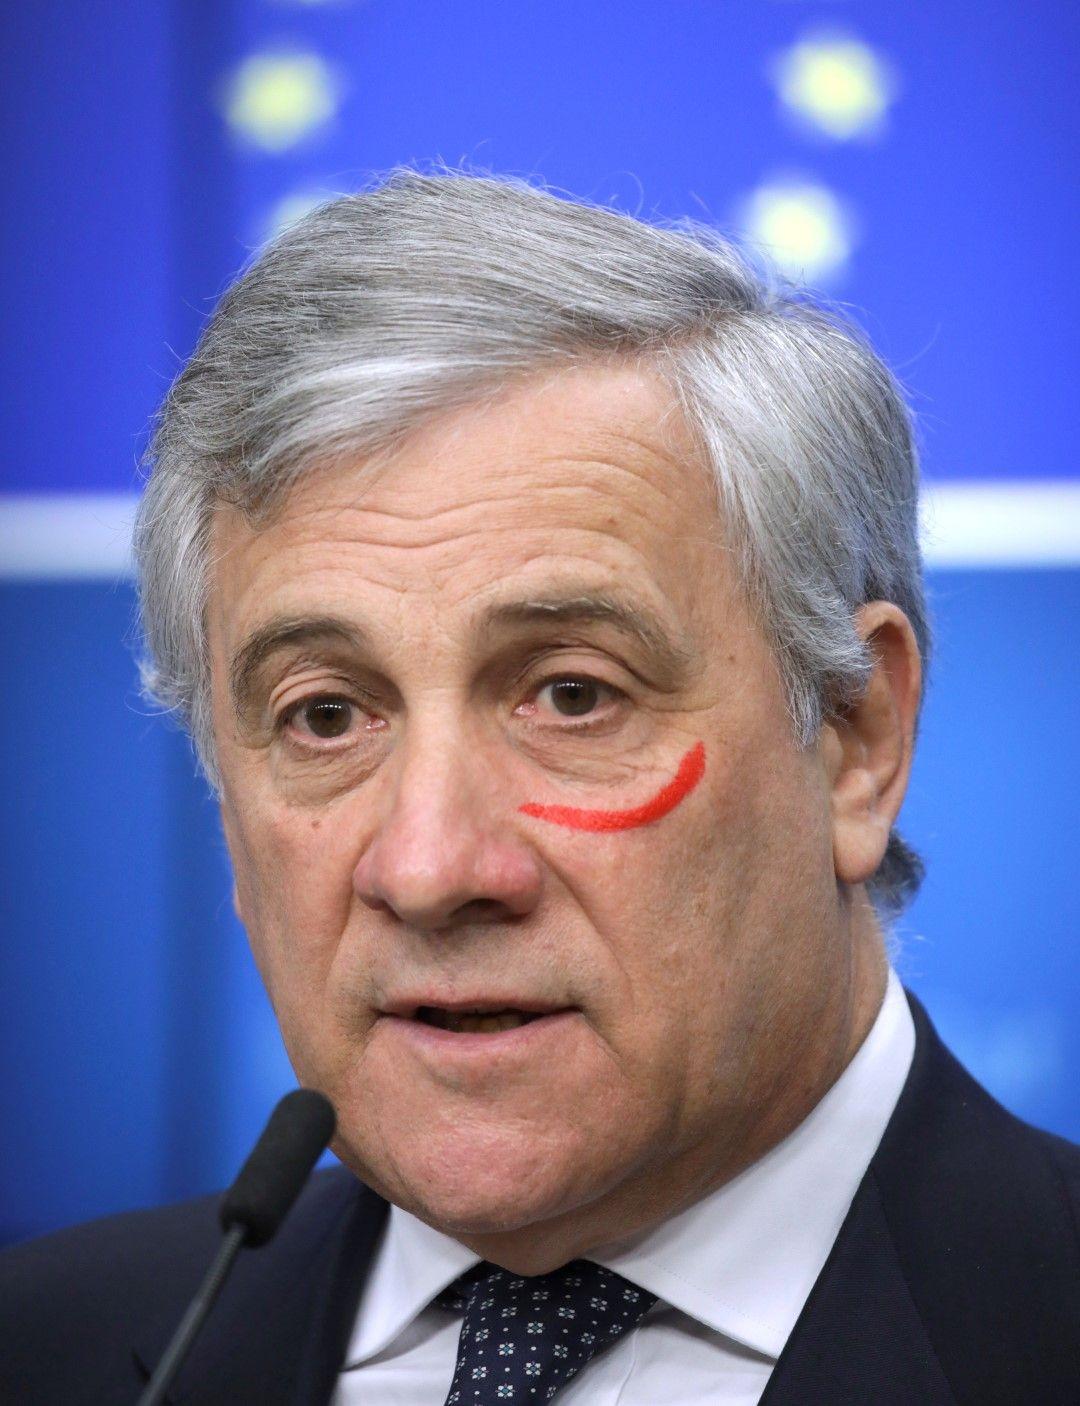 Председателят на Европарламента Антонио Таяни дойде със символична червена ивица на лицето в международния ден срещу насилието над жени